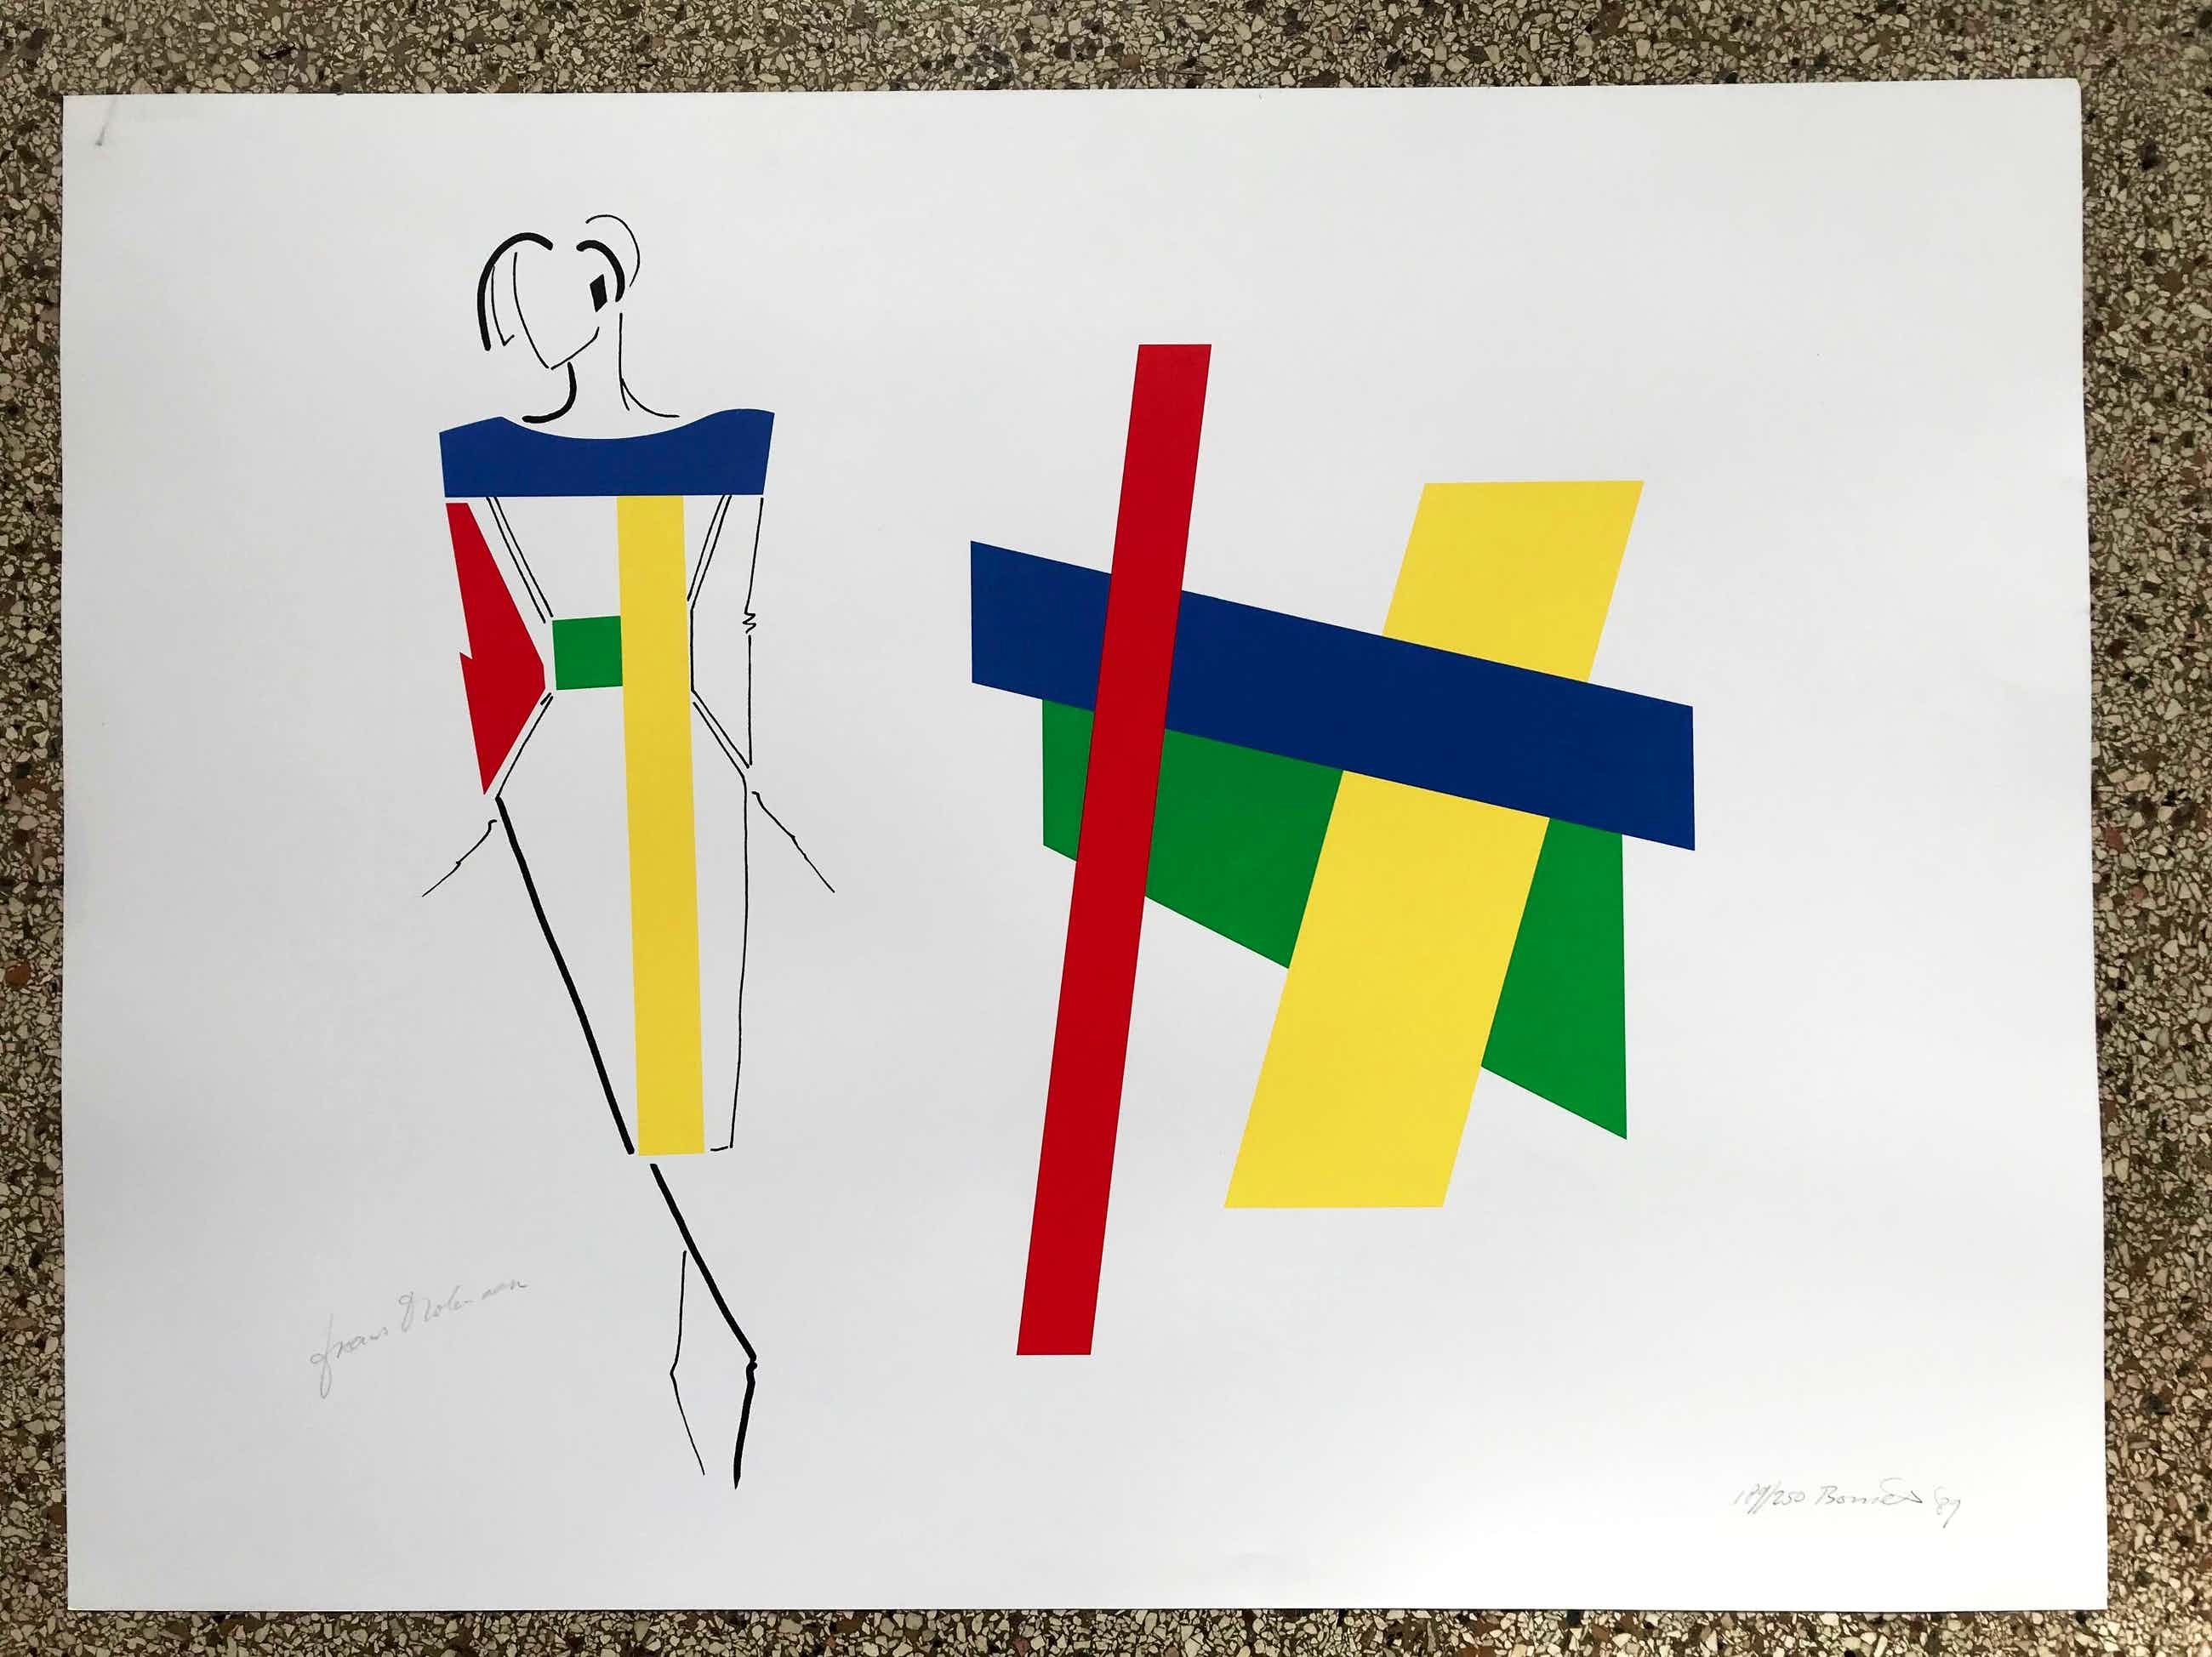 Bob Bonies - & Frans Molenaar: Abstracte compositie - Modeontwerp 2x handgesigneerd 1989 kopen? Bied vanaf 100!